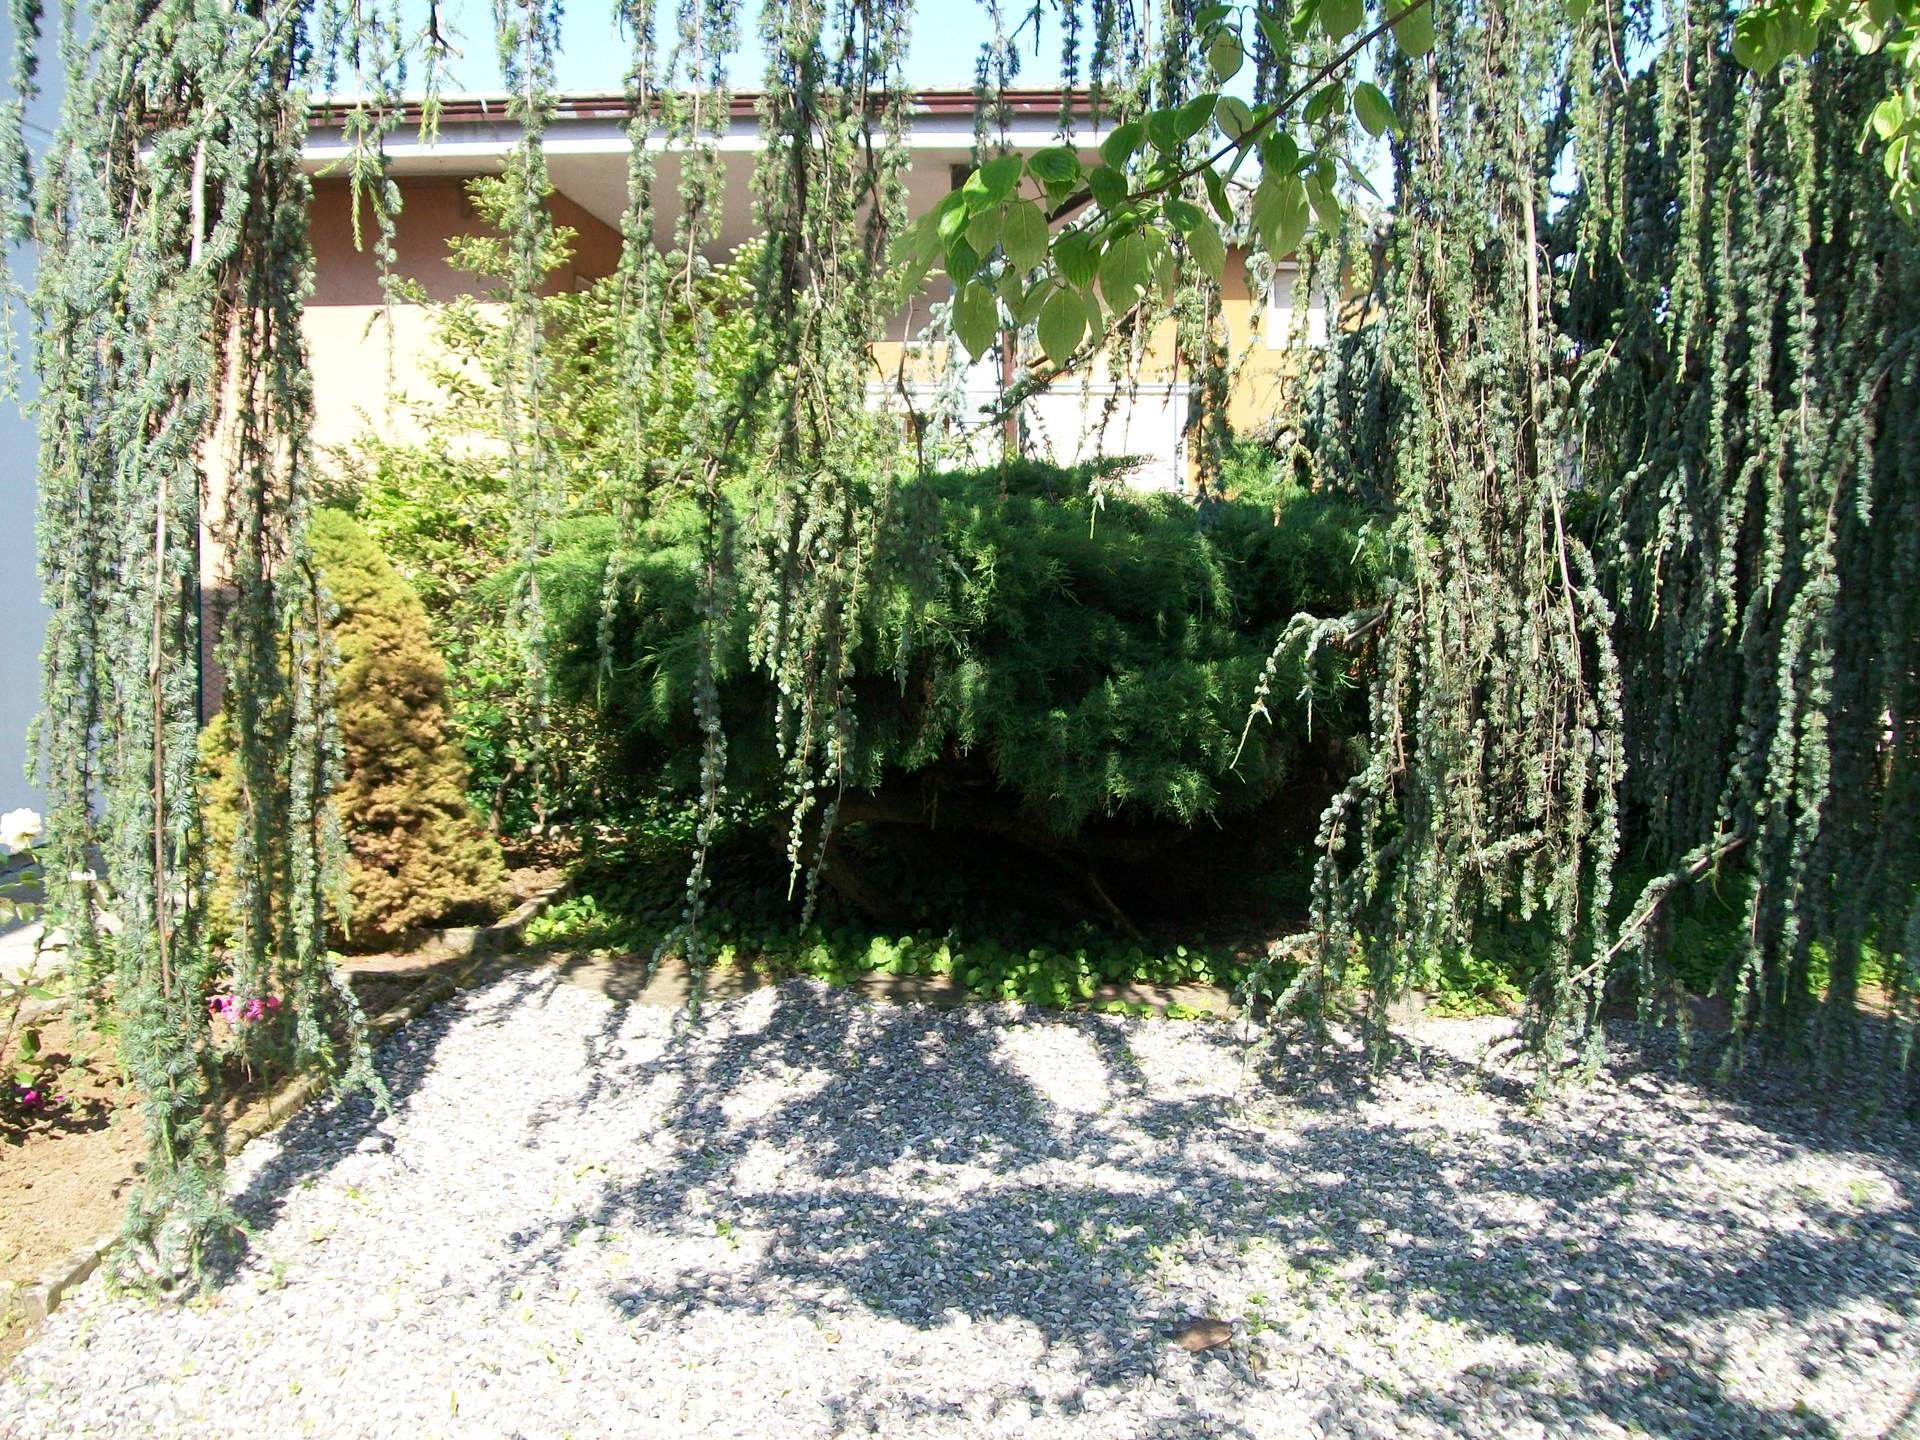 giardino con salici